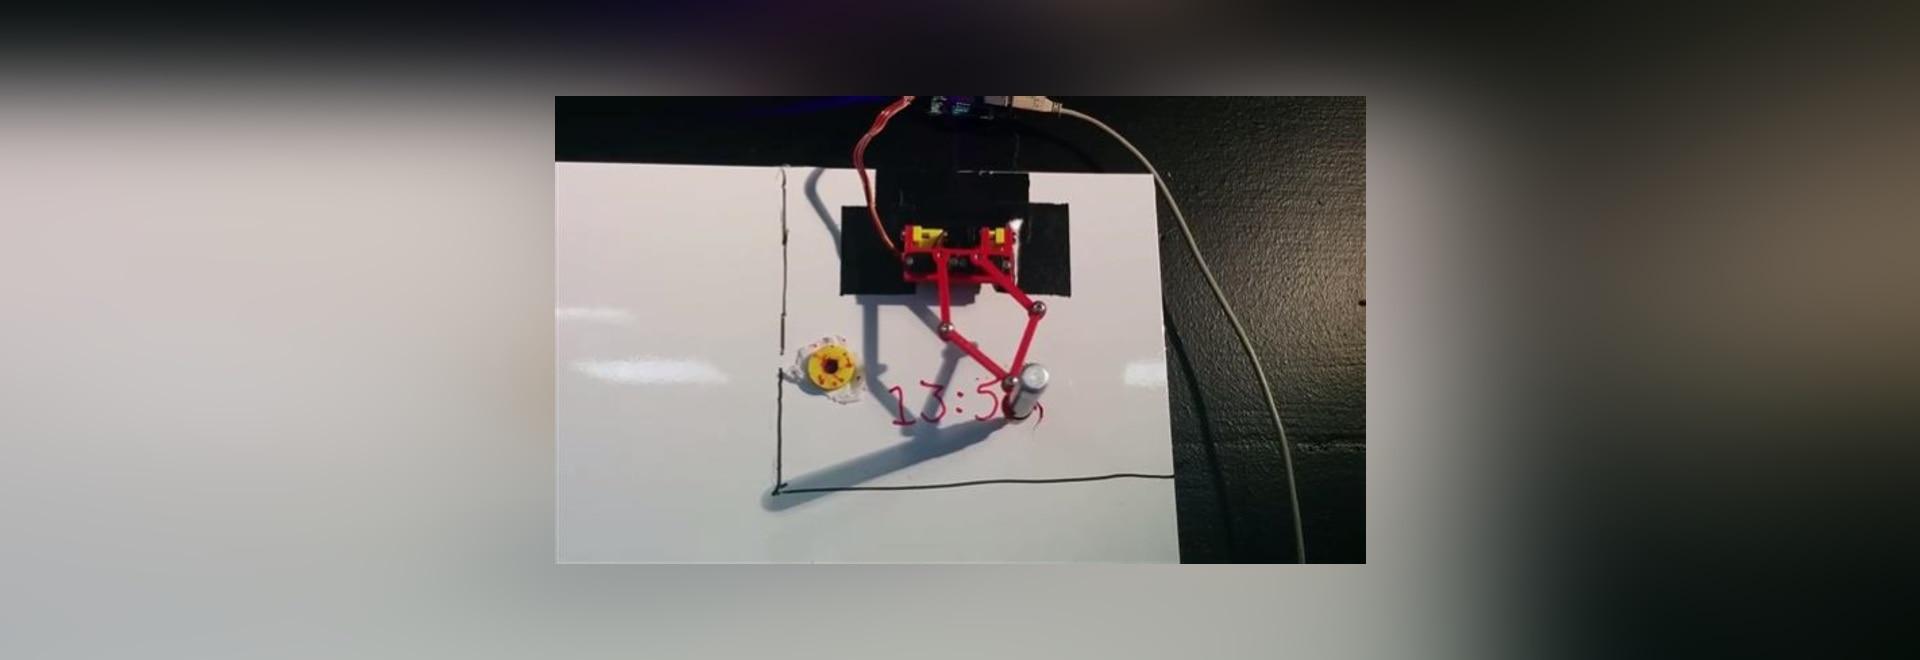 Stellen Sie einen 3D gedruckten whiteboard Taktgeber her, der automatisch die aktuelle Uhrzeit schreibt